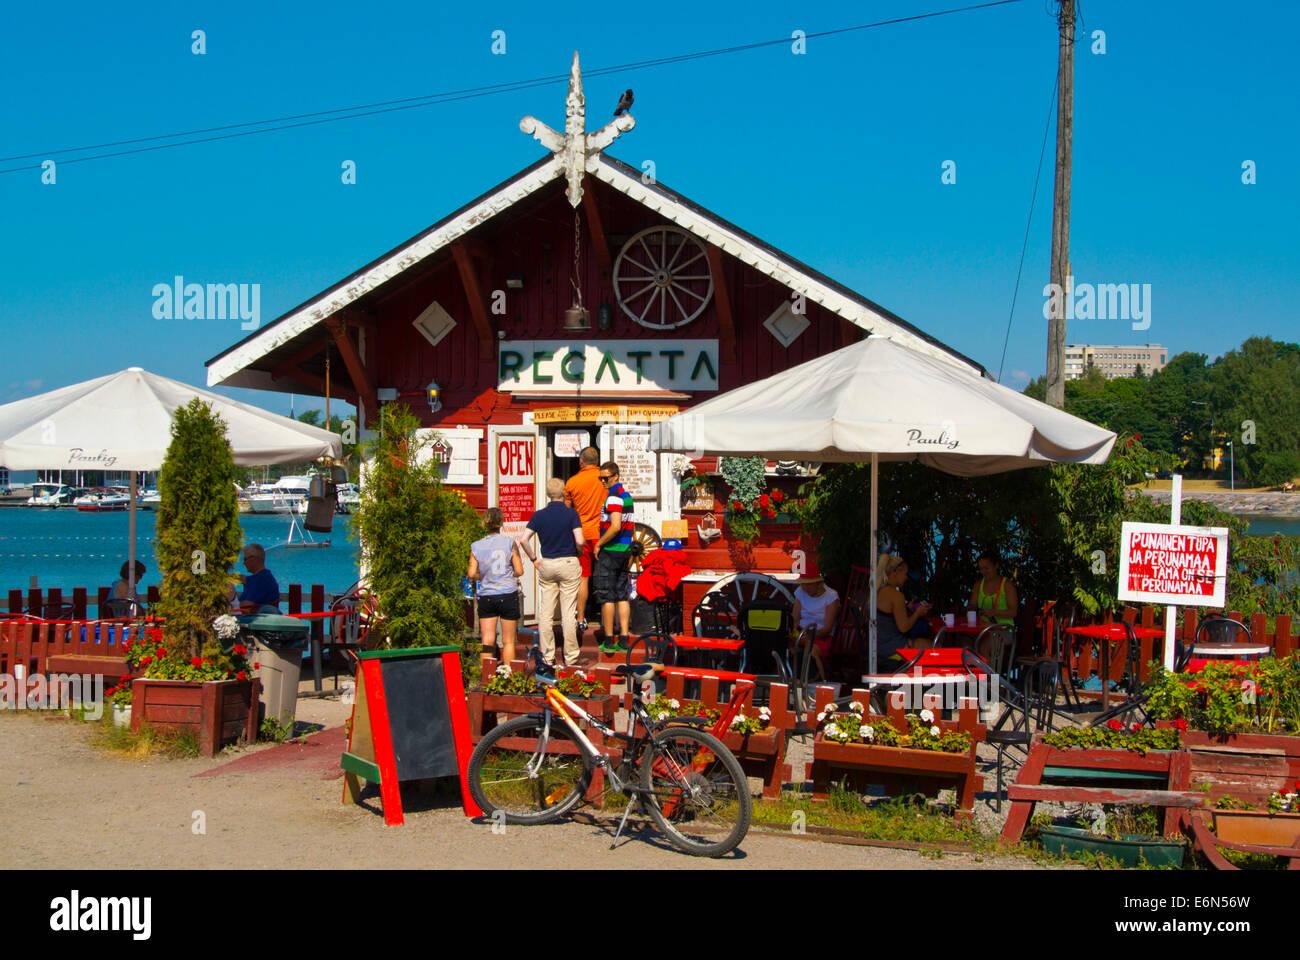 Regatta summer cafe, Taivallahti bay, Töölö district, Helsinki, Finland, Europe - Stock Image